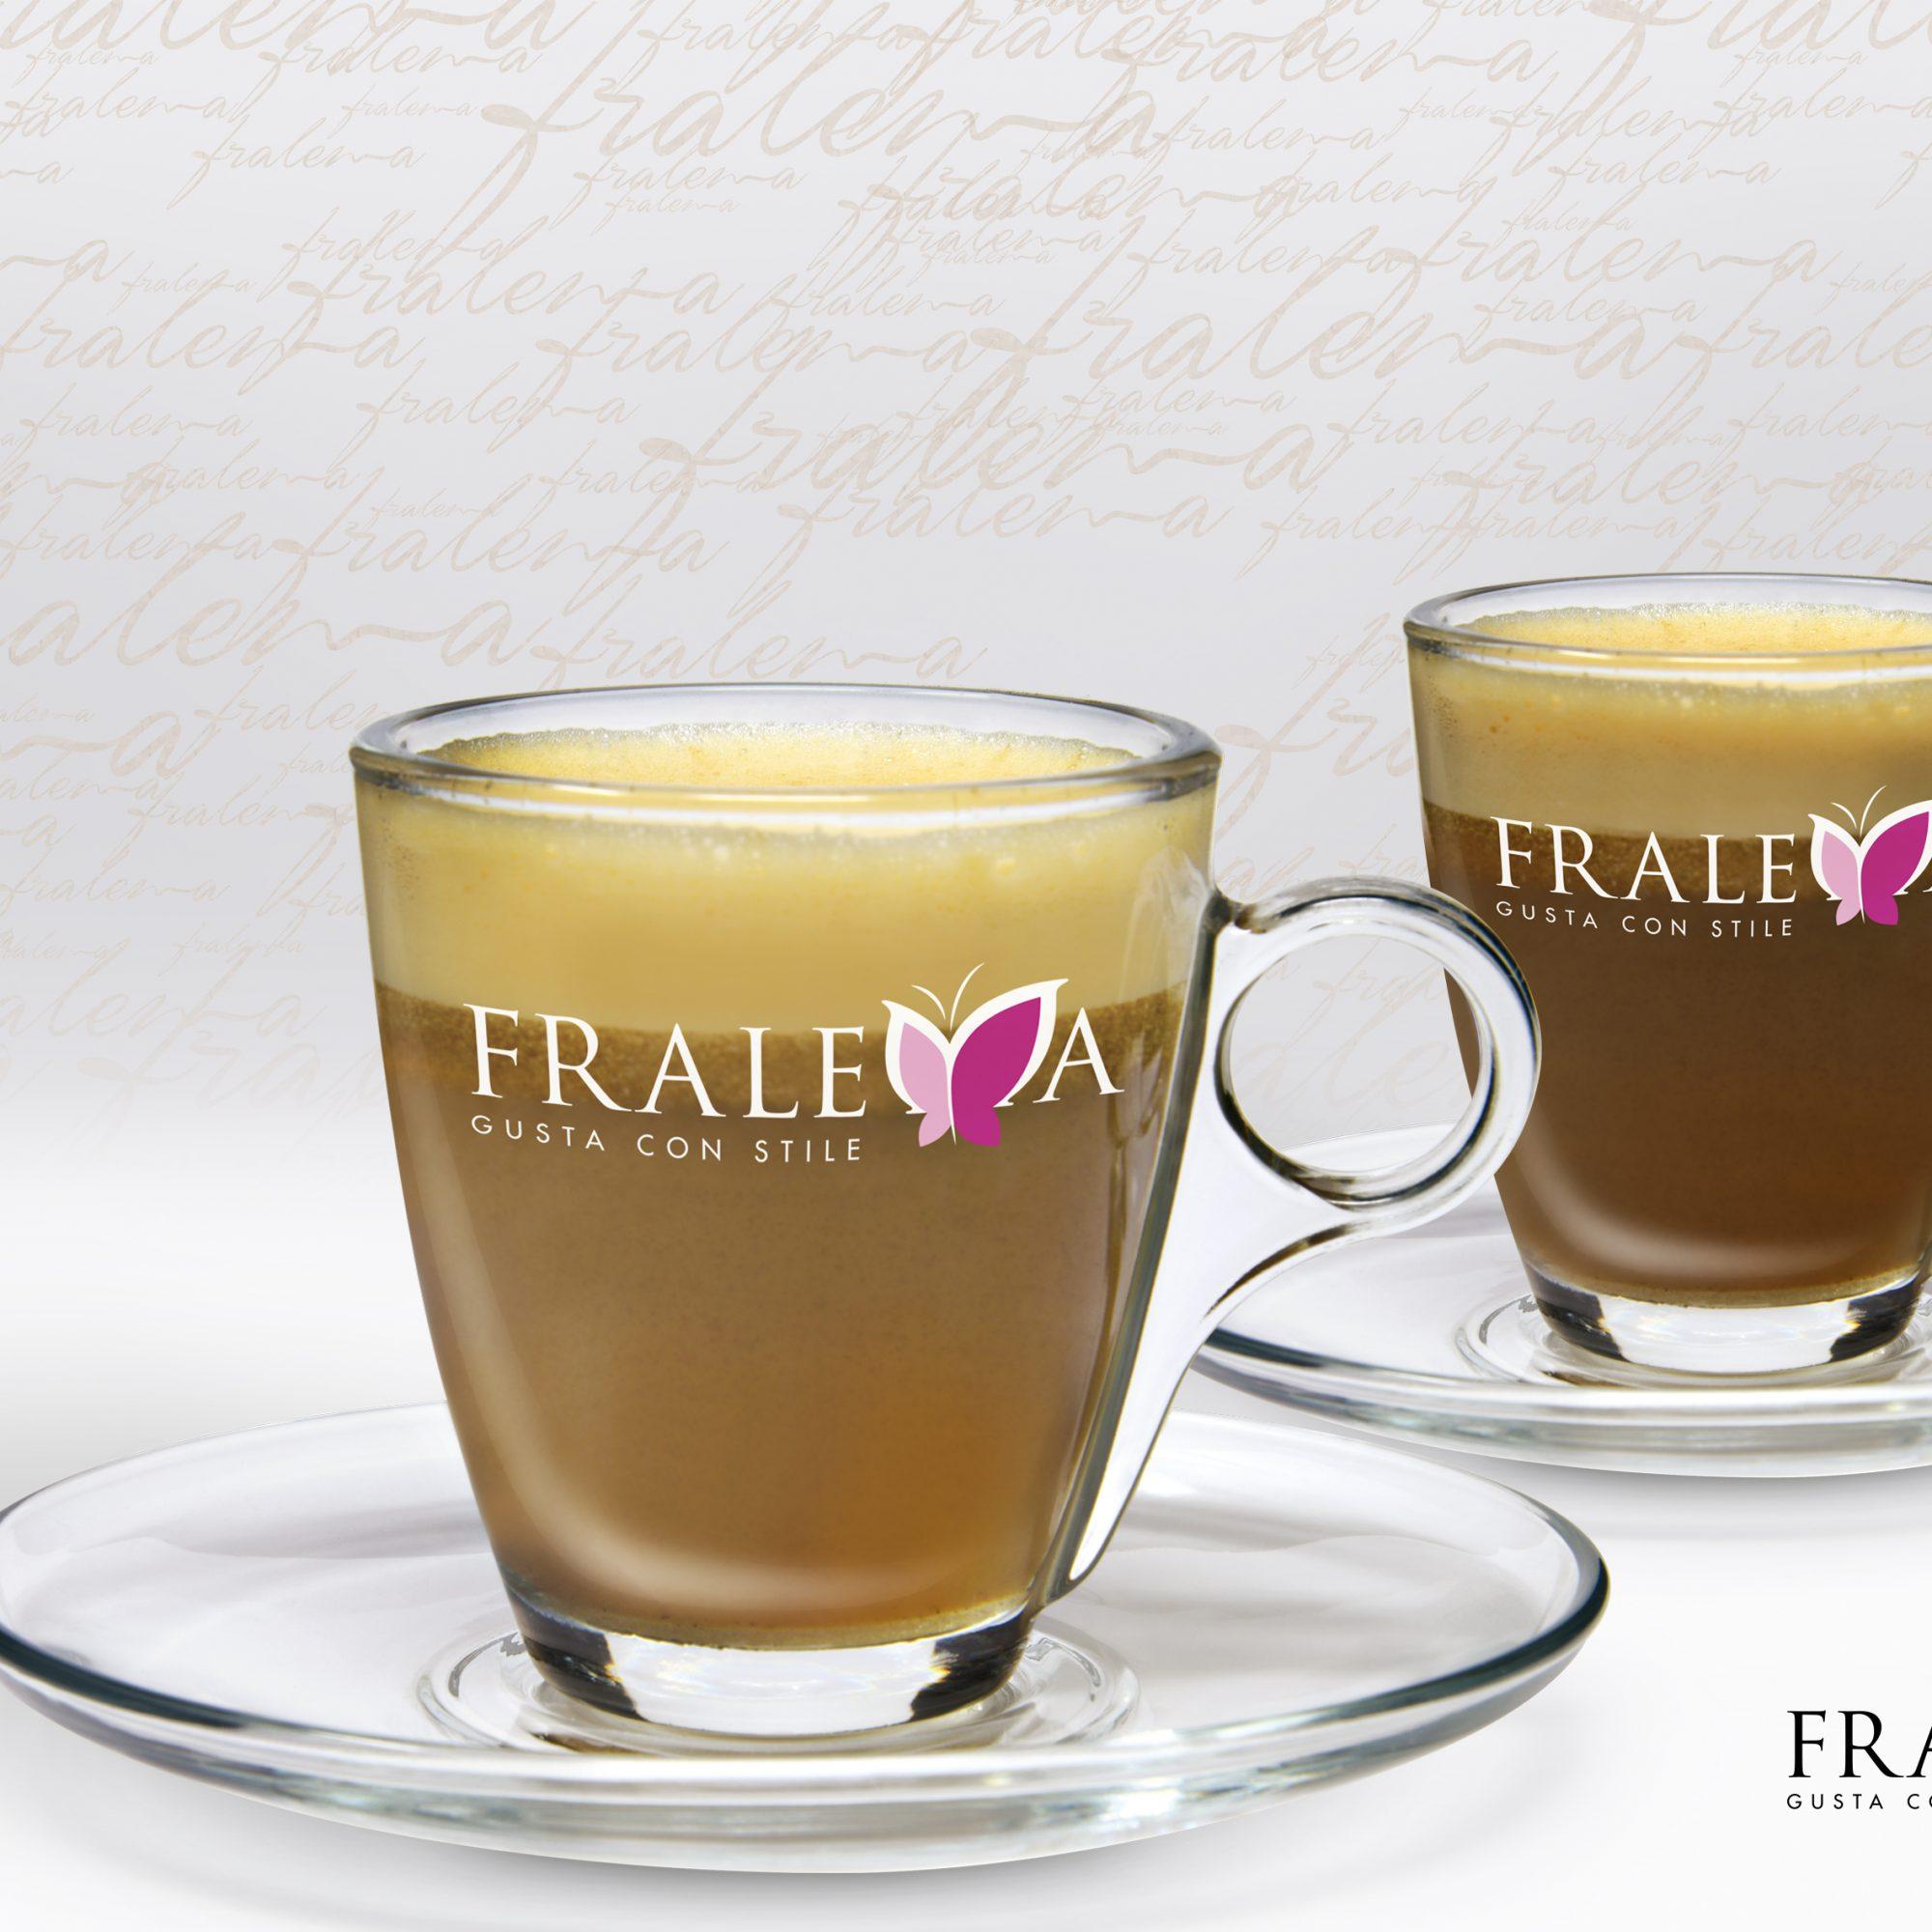 fralema_prodotti per la caffetteria_i caldi_guarana_nocciofe